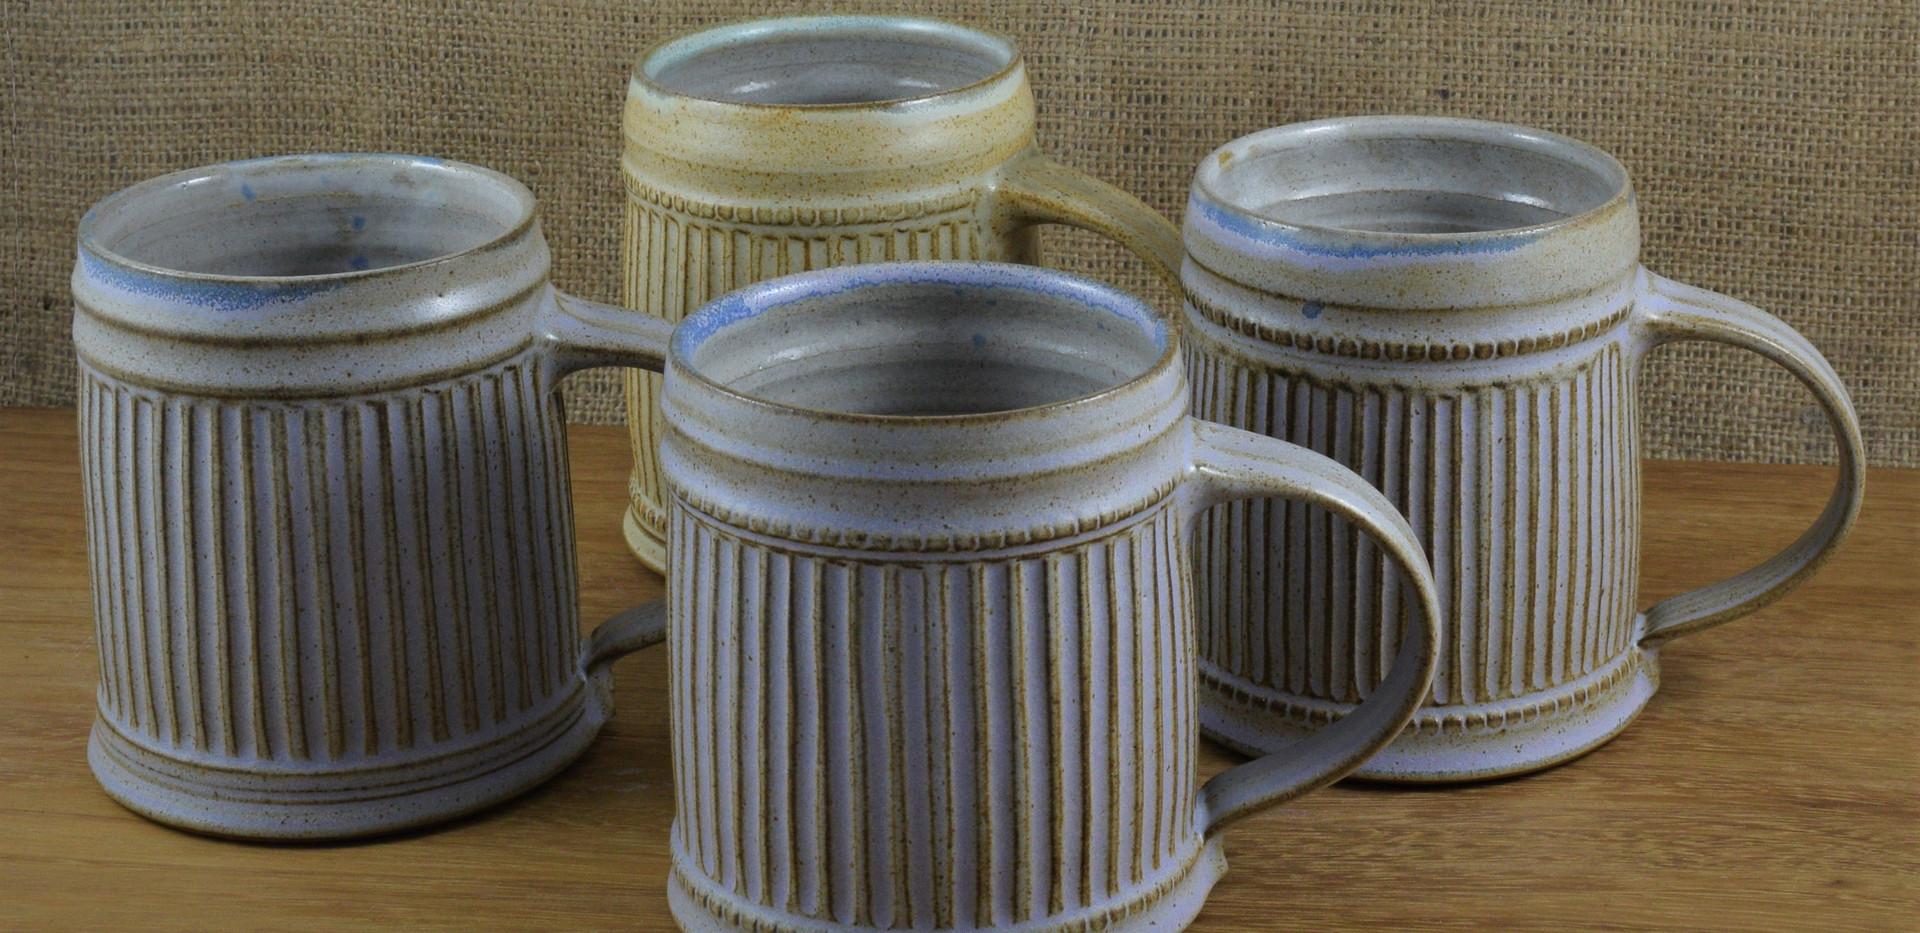 Beer Mug collection